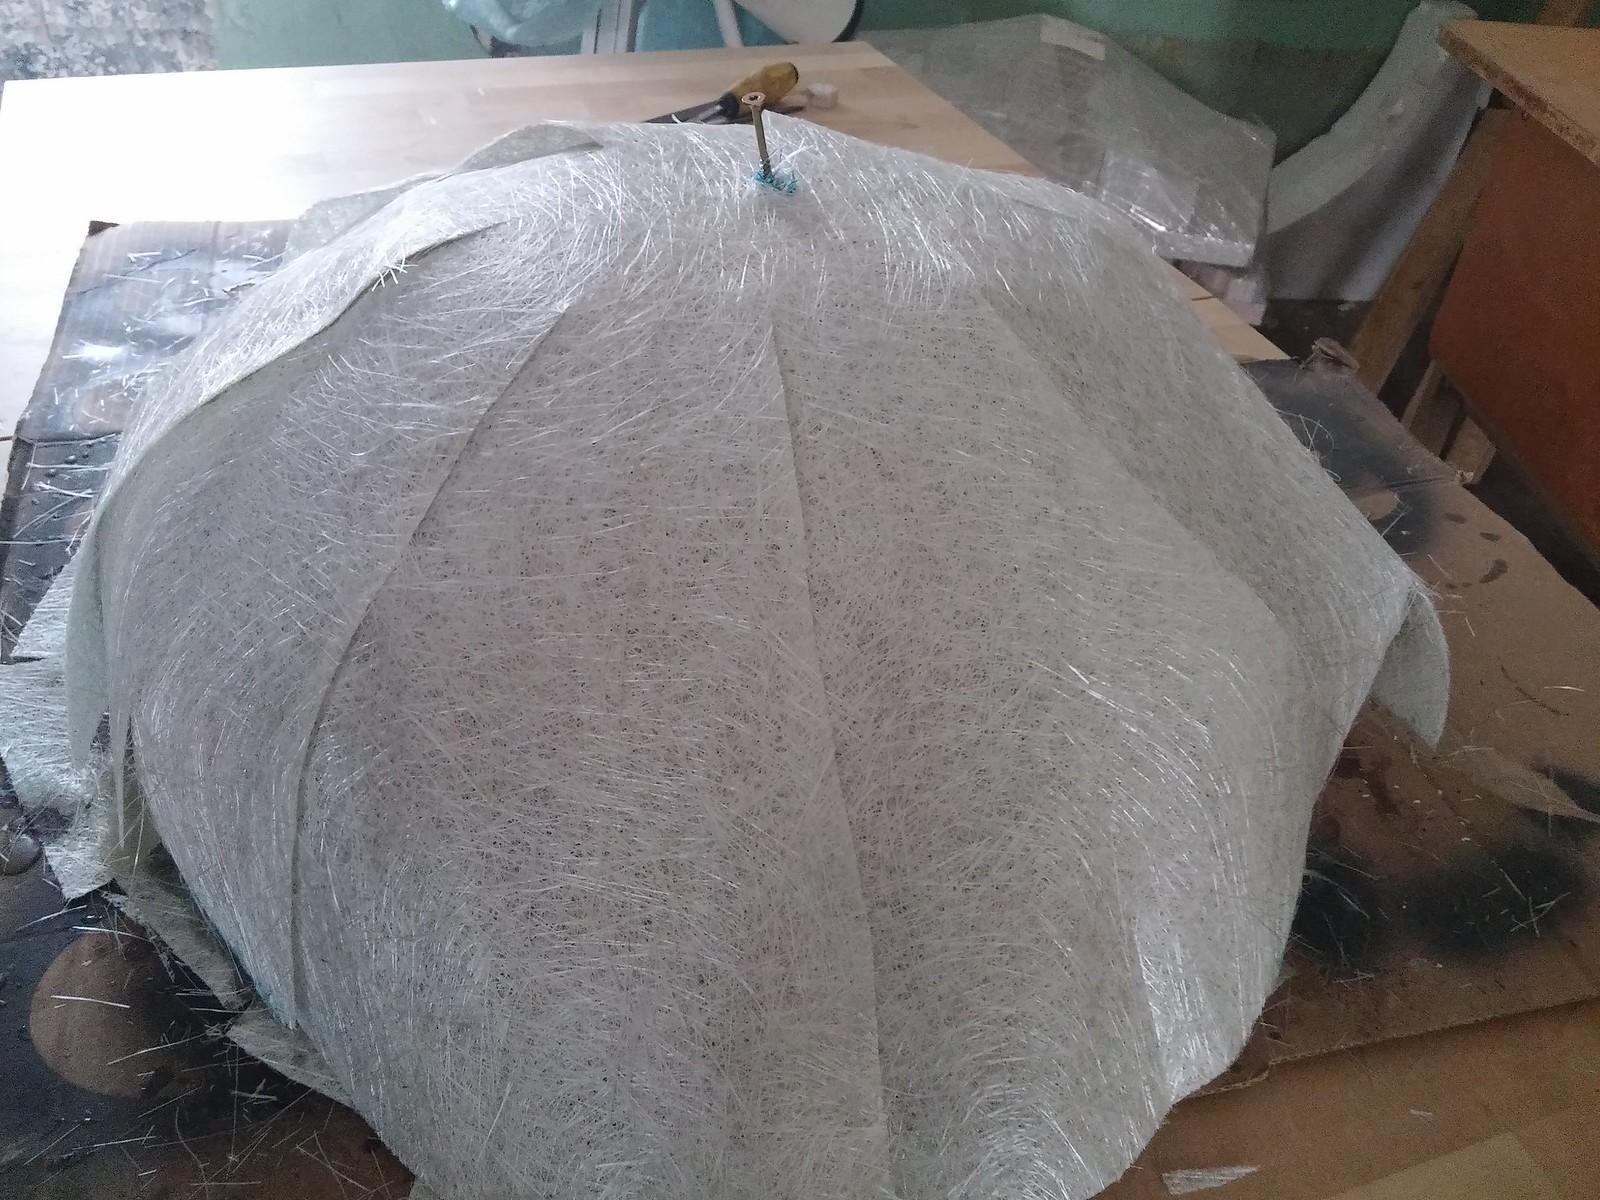 Konvensinis menas: stiklo pluoštas klijuojamas į kažkokį kupolą, katras galimai taps kokiu nors šviestuvu ar dar kažkuo.